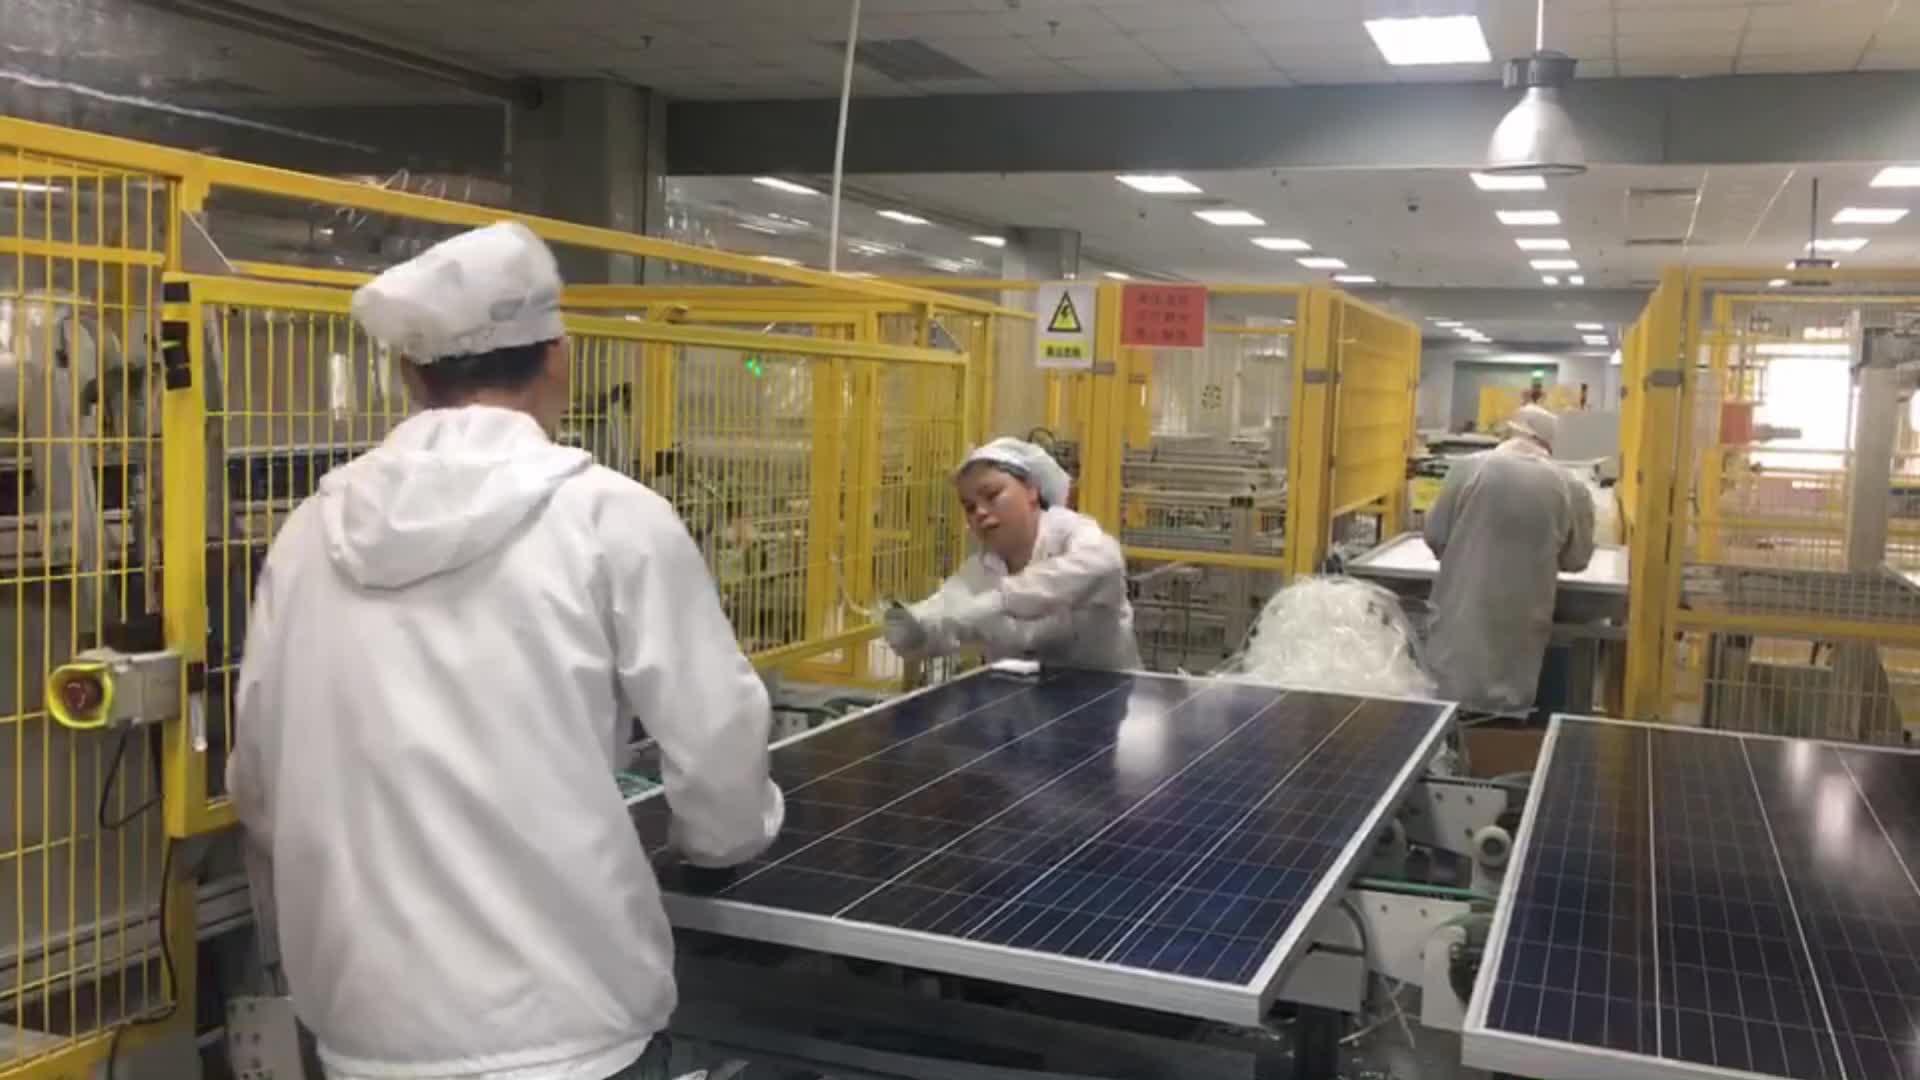 خلايا سولر الكريستالات 350 واط لوحة لوحة طاقة شمسية 36 فولت لوحة خلايا عدة 360 واط